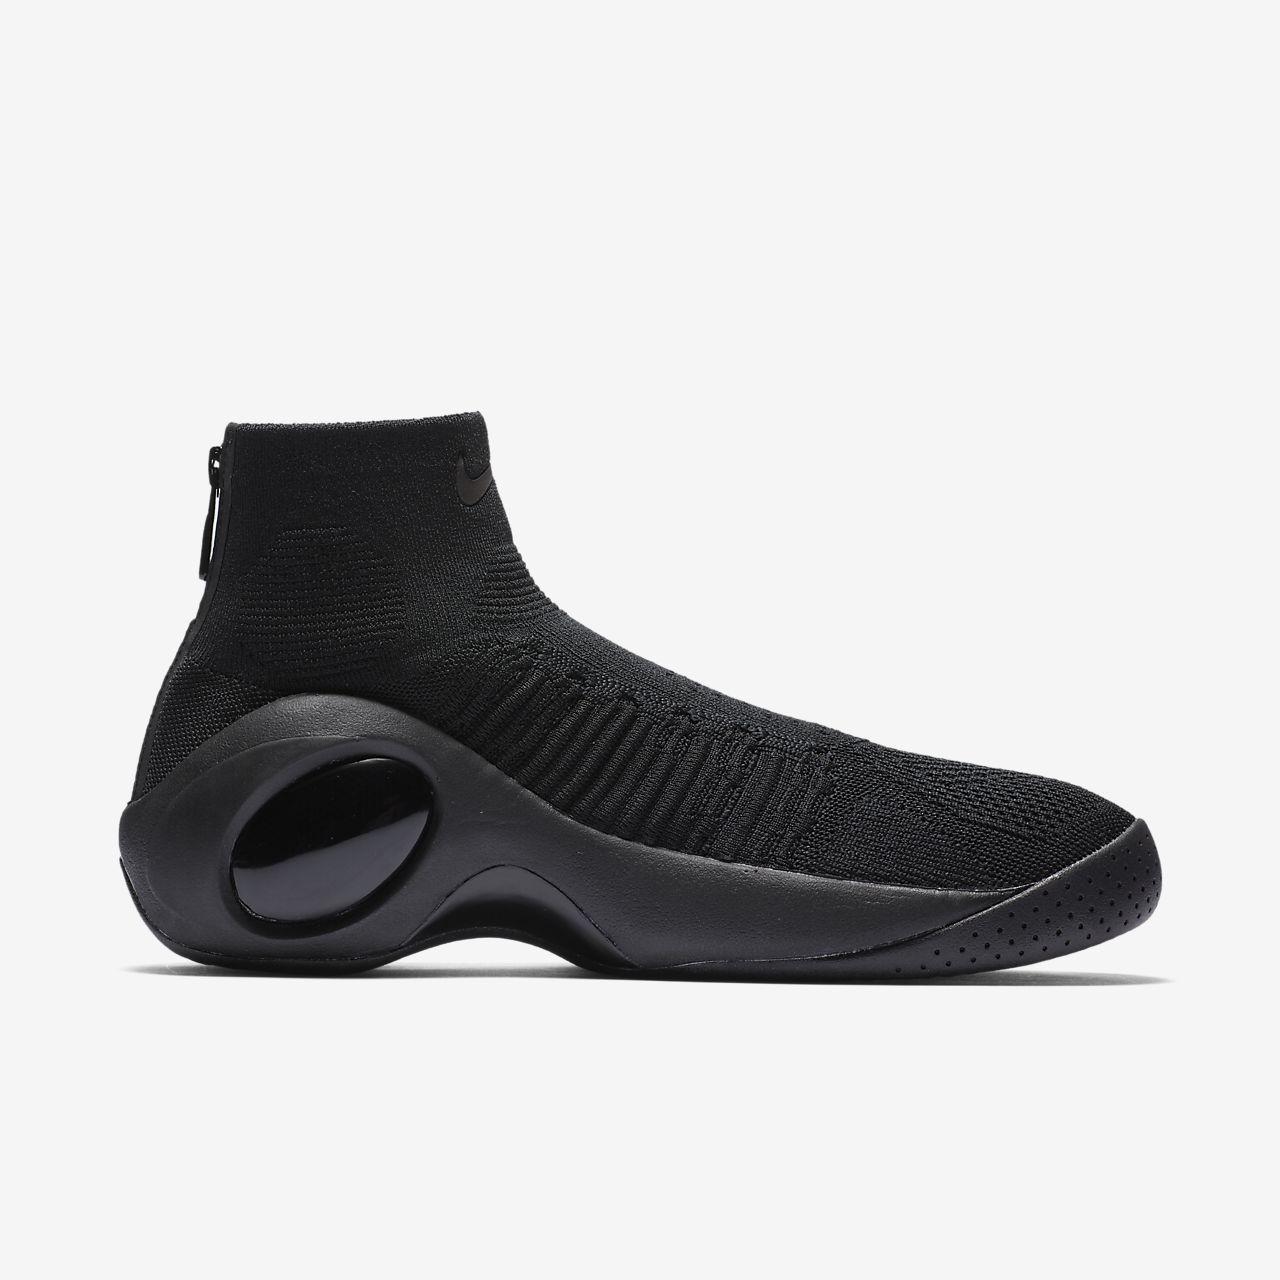 Newest Nike Flight Bonafide Flyknit White Gold 917742 004 Men's Basketbal Shoes Sneakers 917742 004